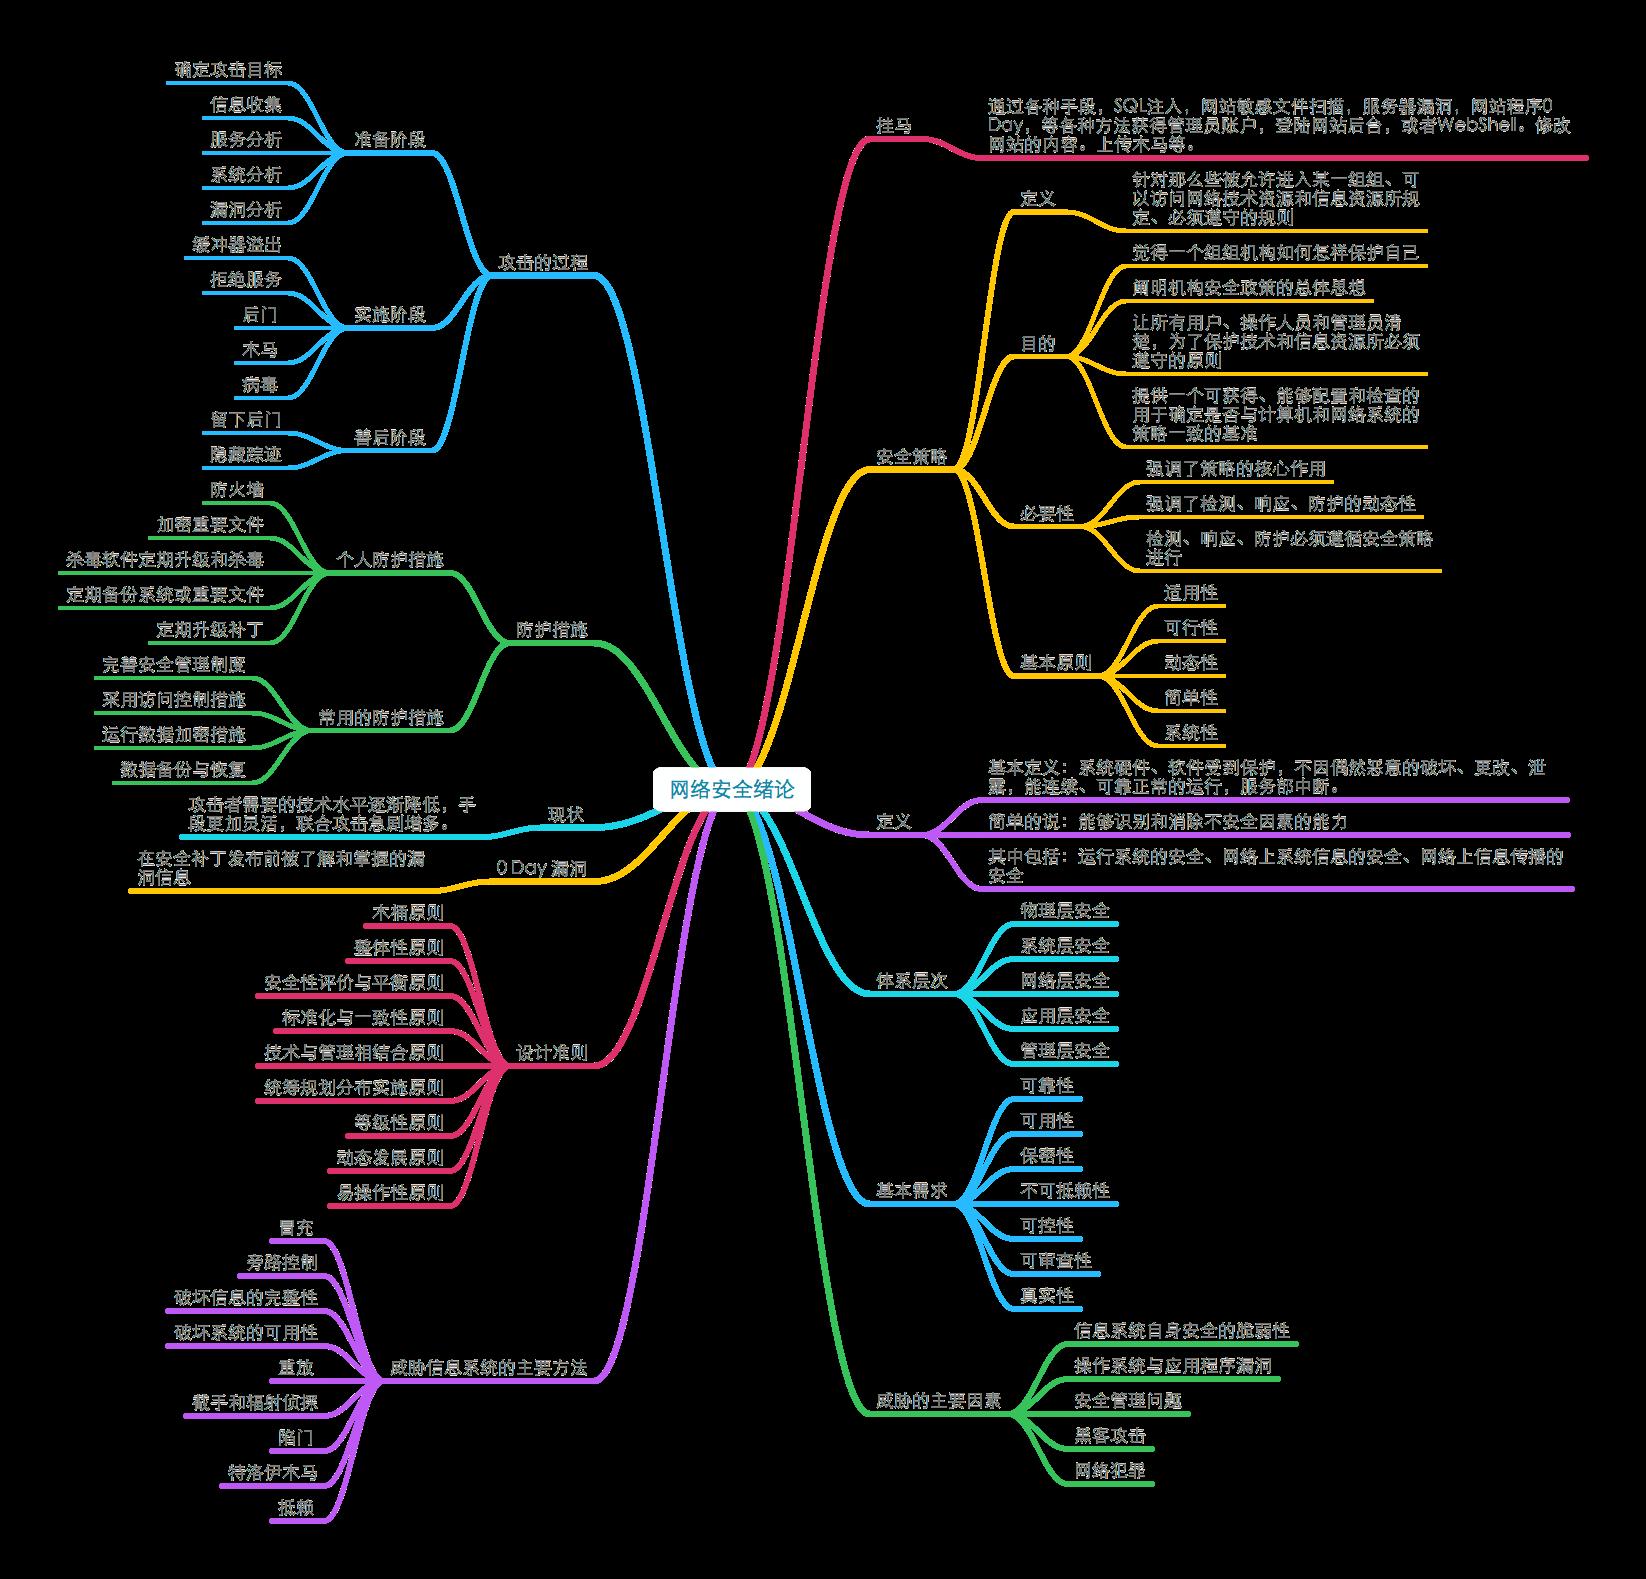 20180627_《网络安全思维导图》1.1网络安全绪论.png